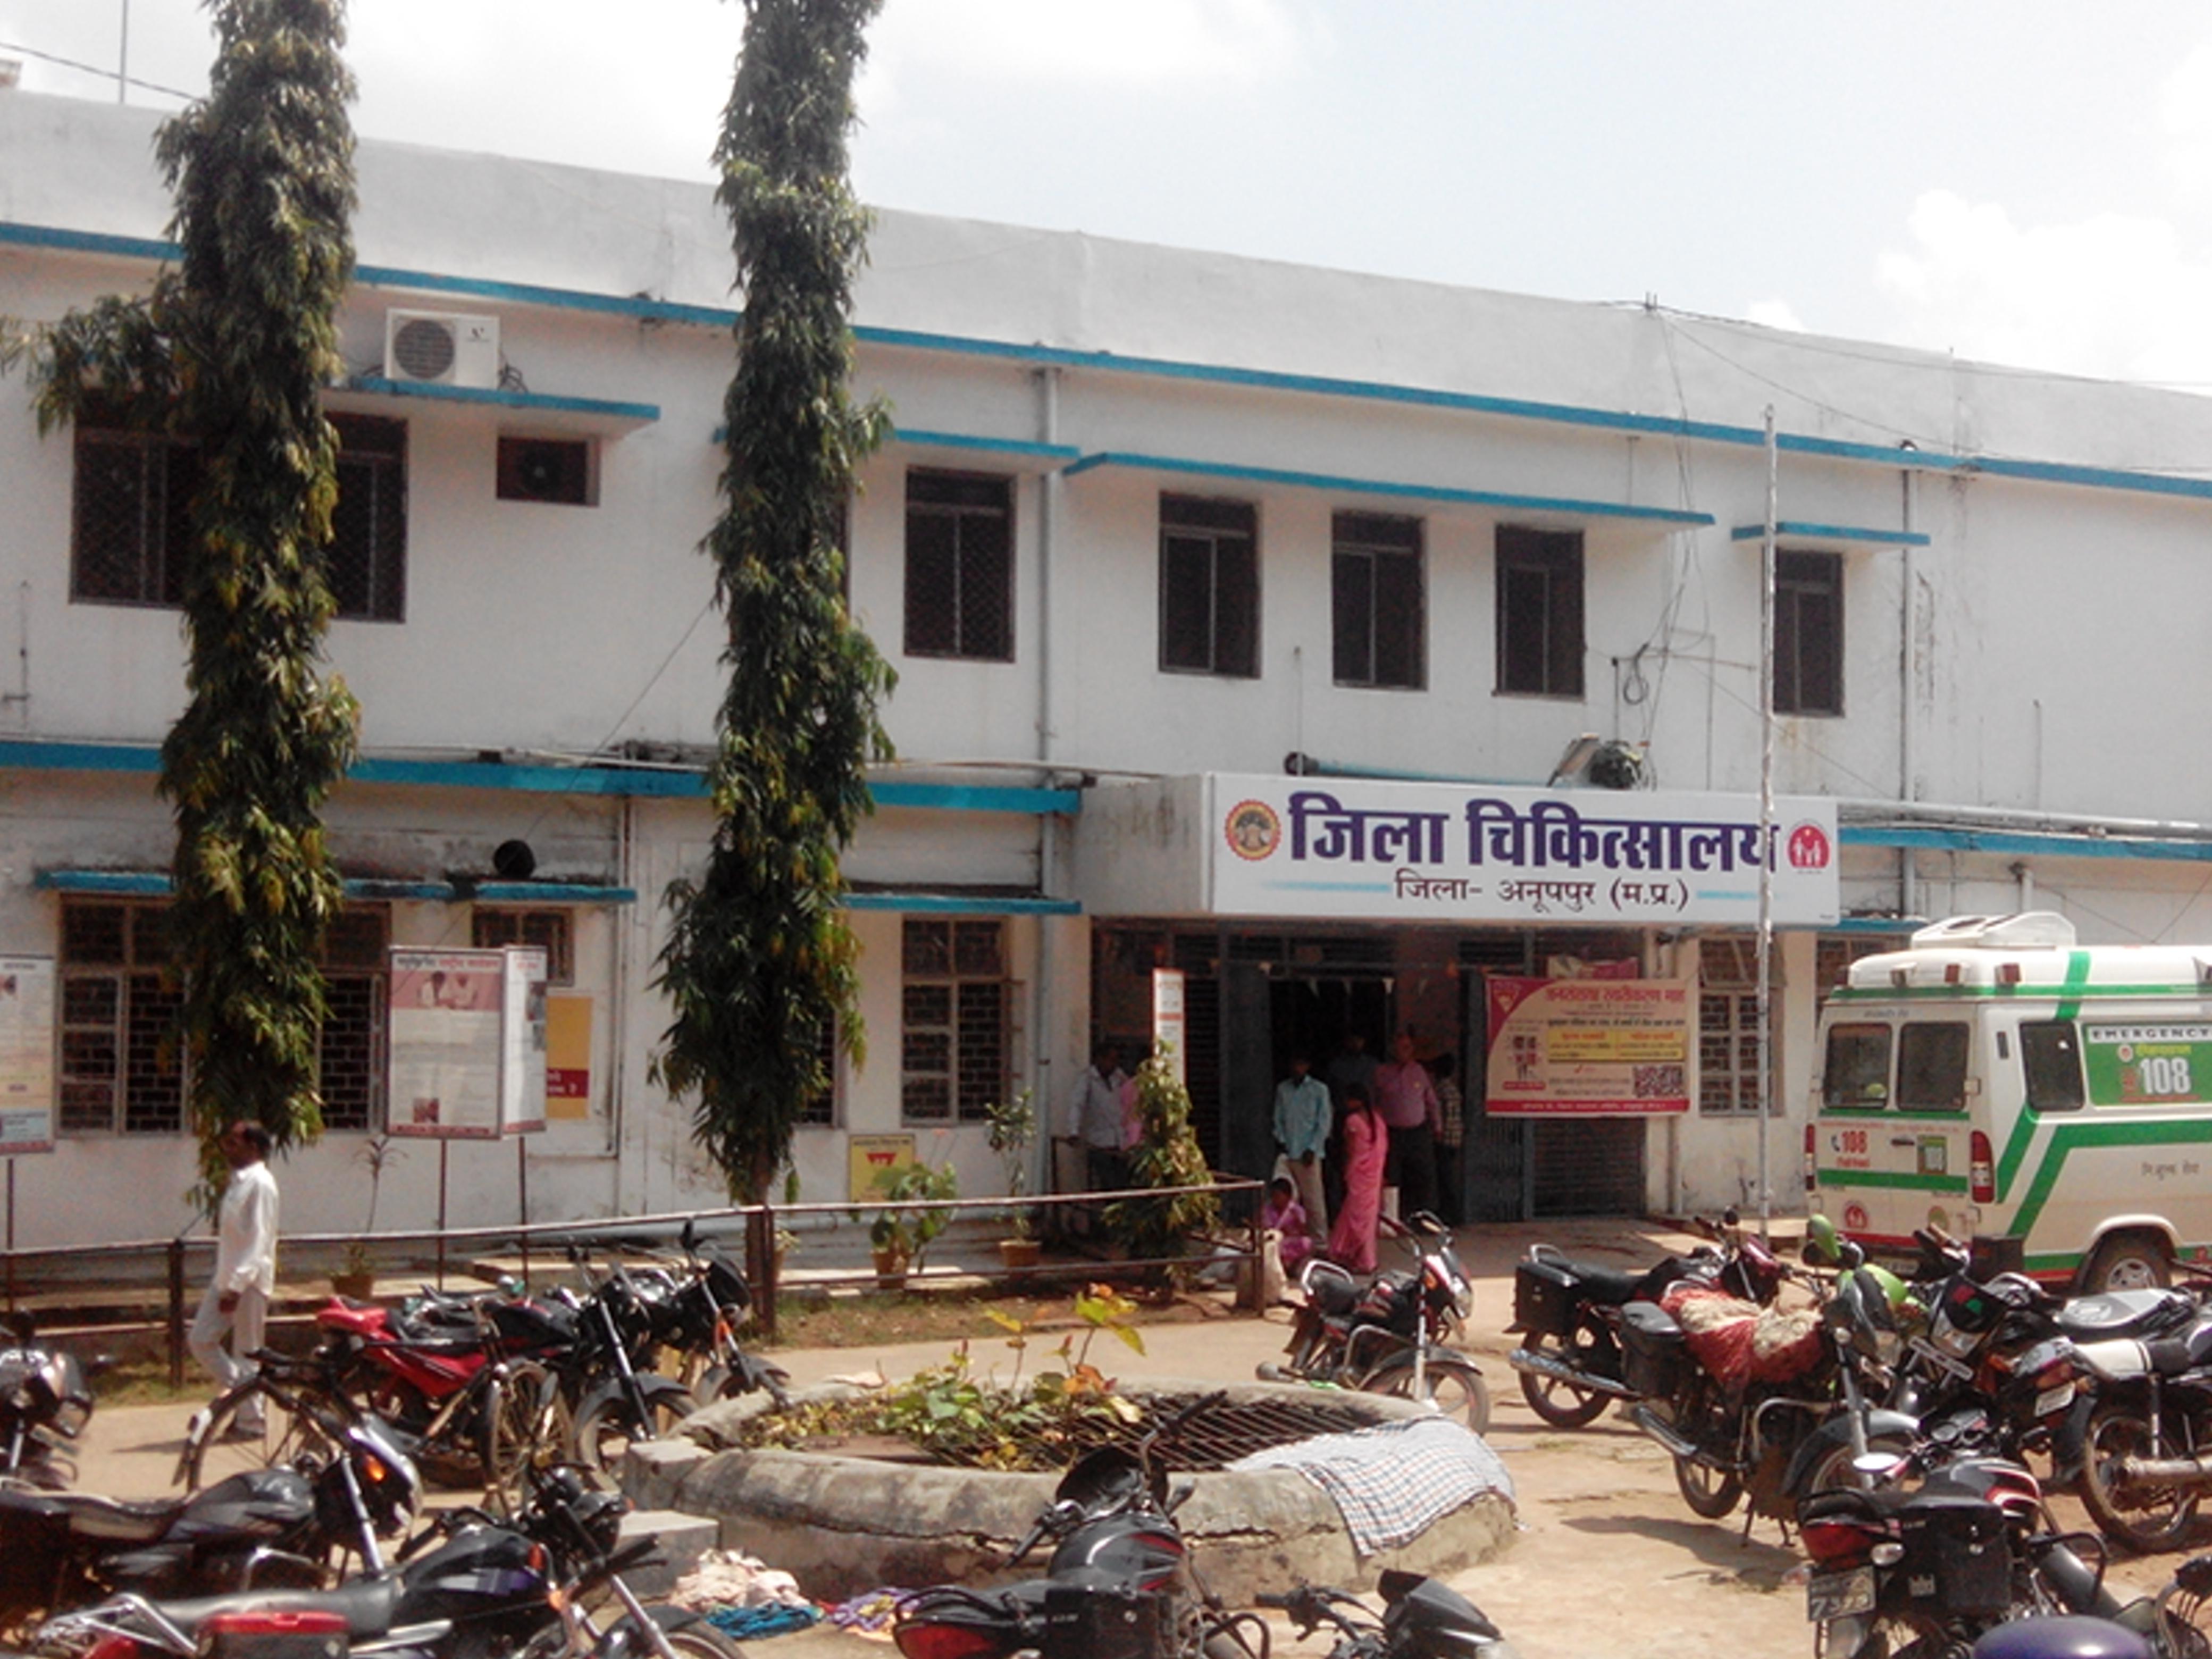 जिम्मेदारों ने किया निरीक्षण फरमानों को दरकिनार, भगवान भरोसे जिले के मरीज